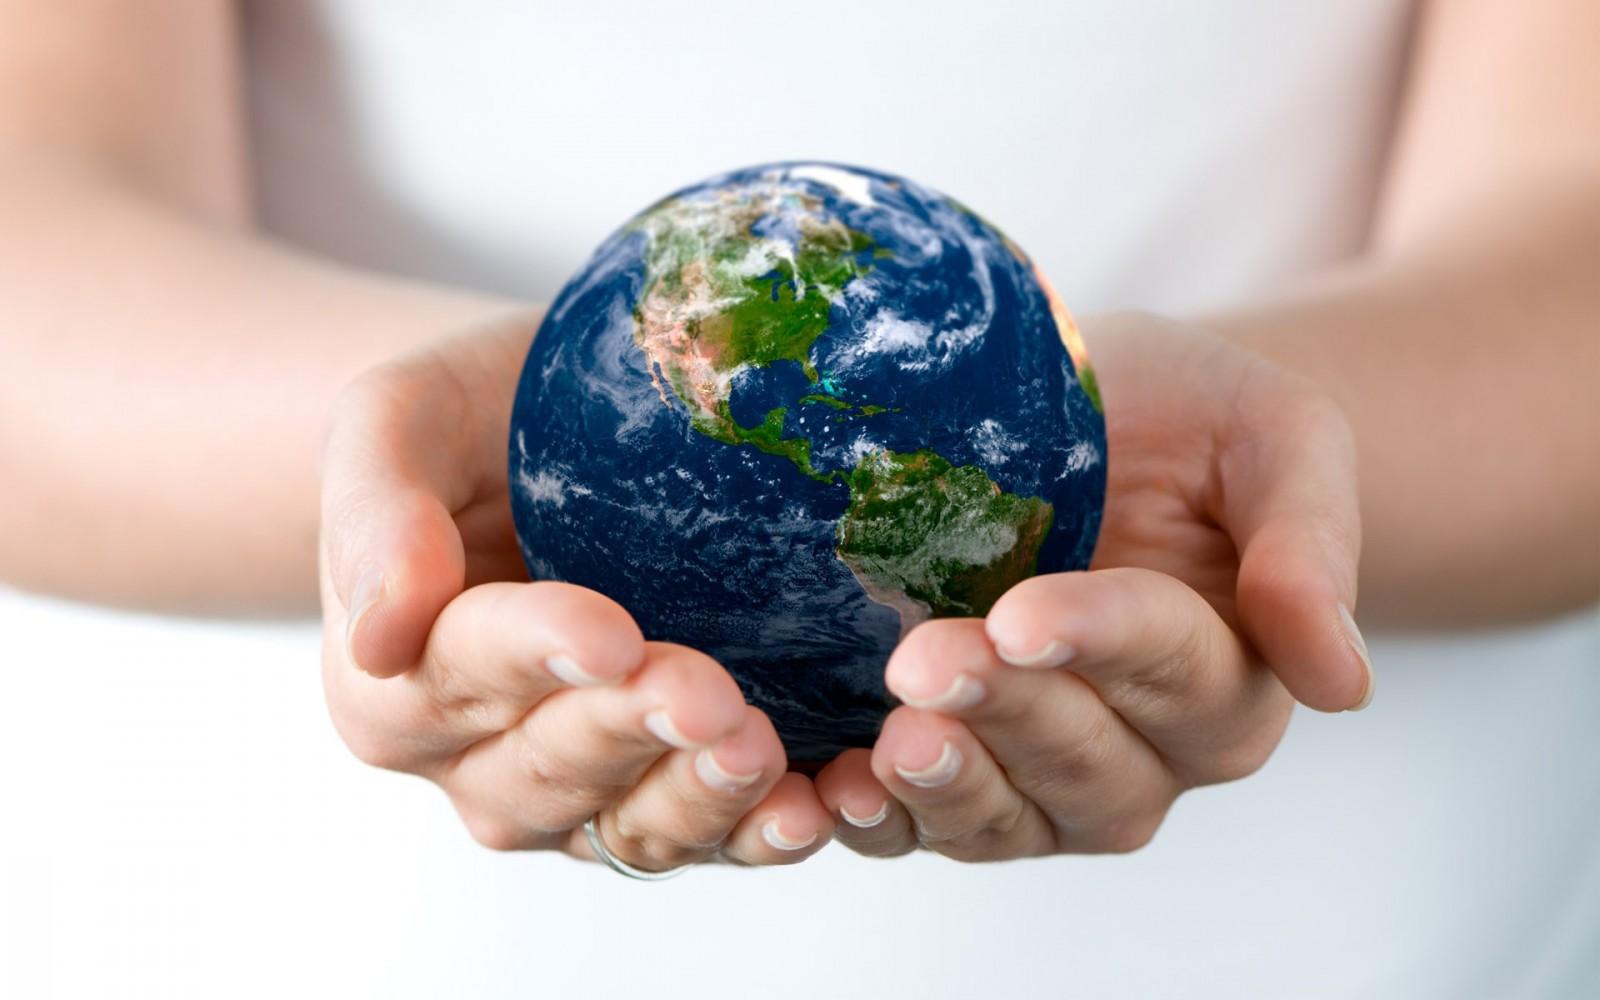 La crisis ambiental como crisis relacional